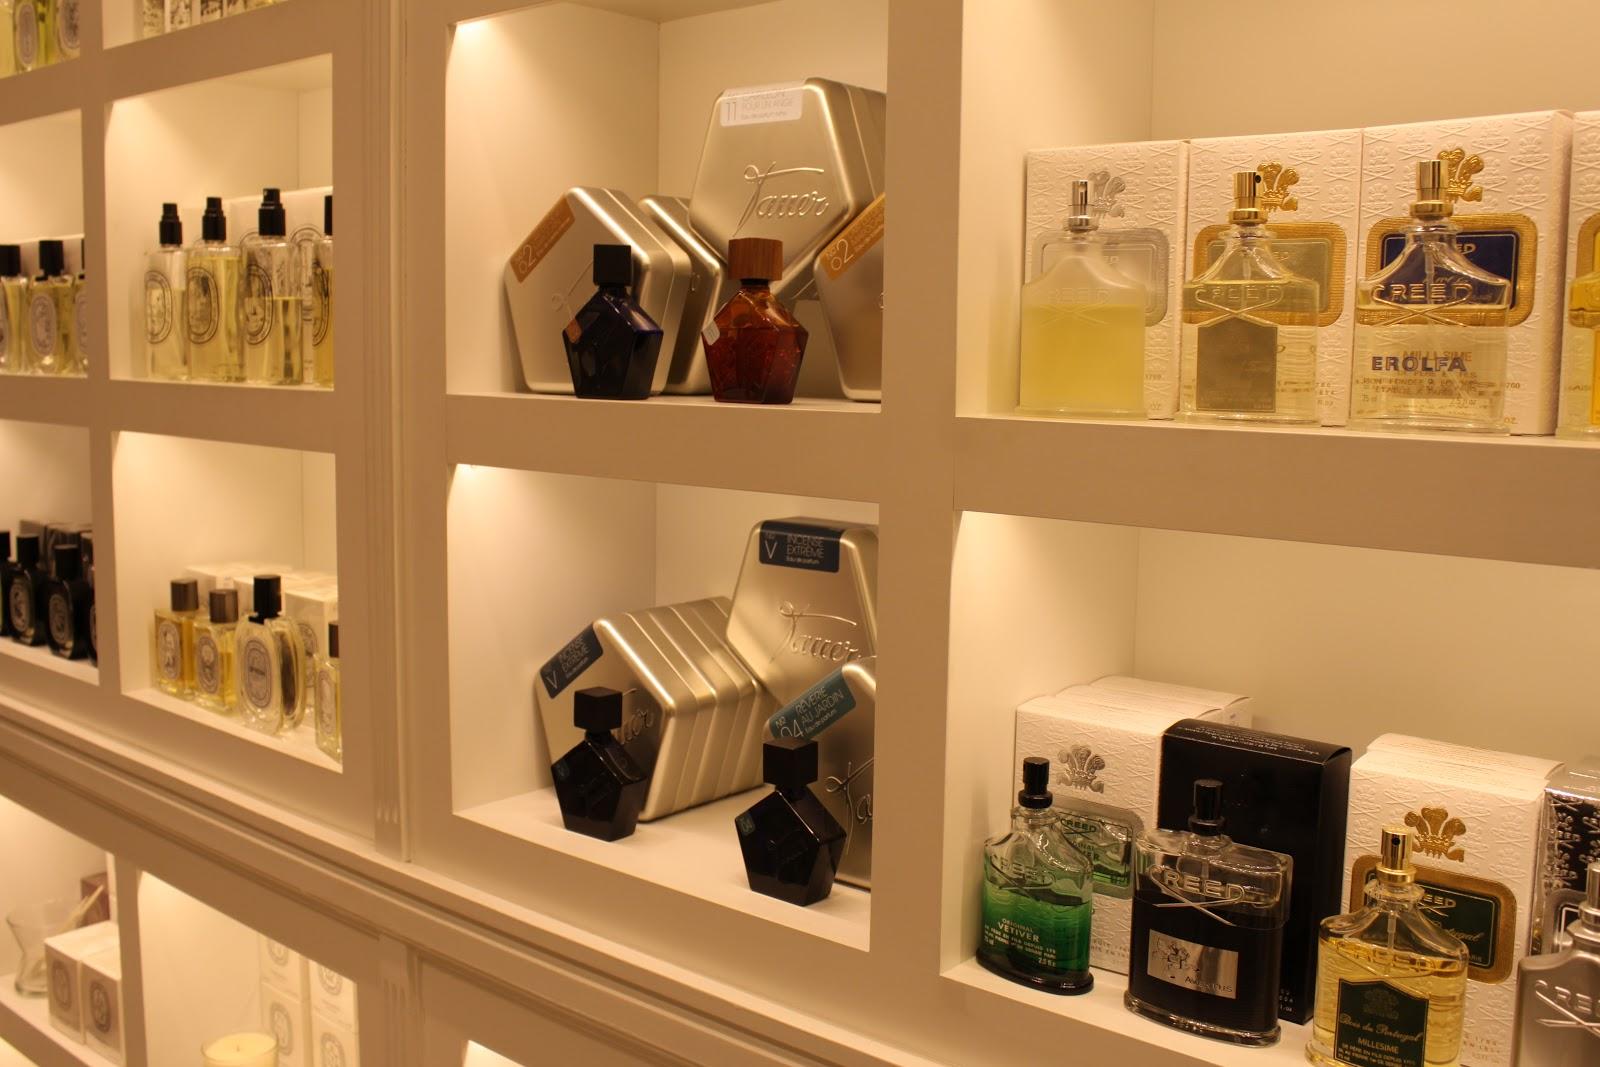 Chic chicas perfumeria urbieta by dress shop - Estanterias para perfumerias ...